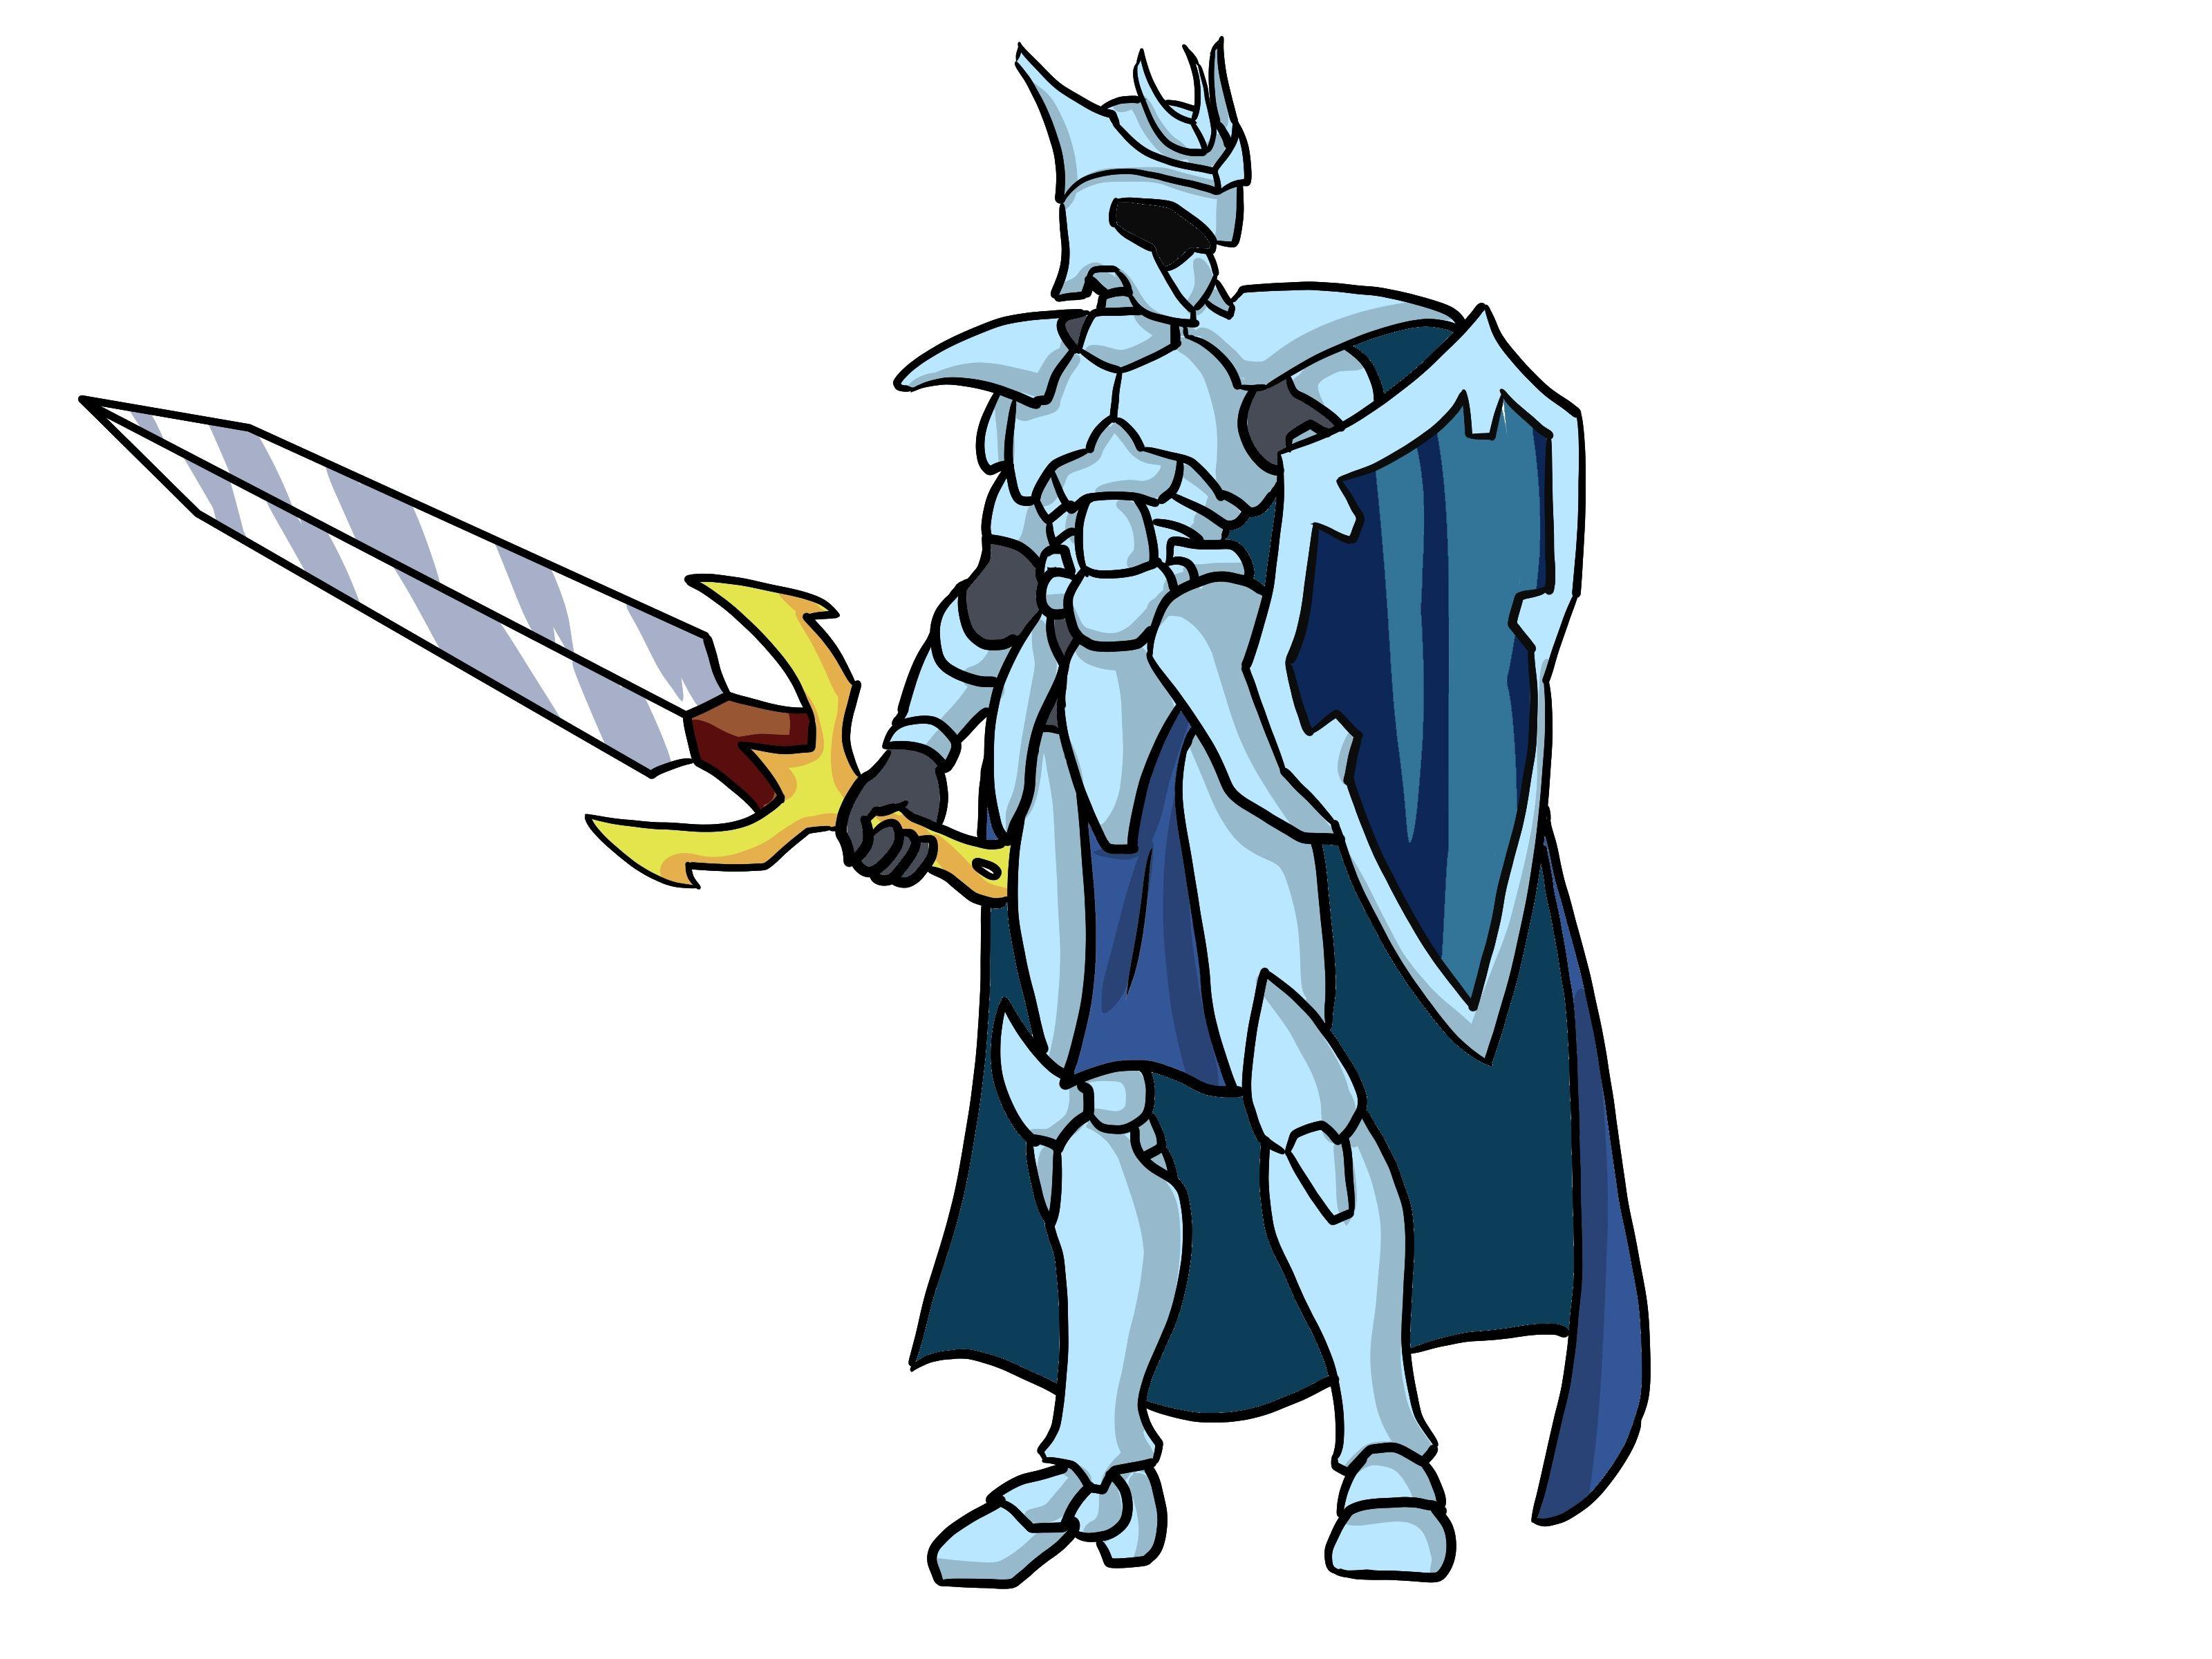 Draw A Knight